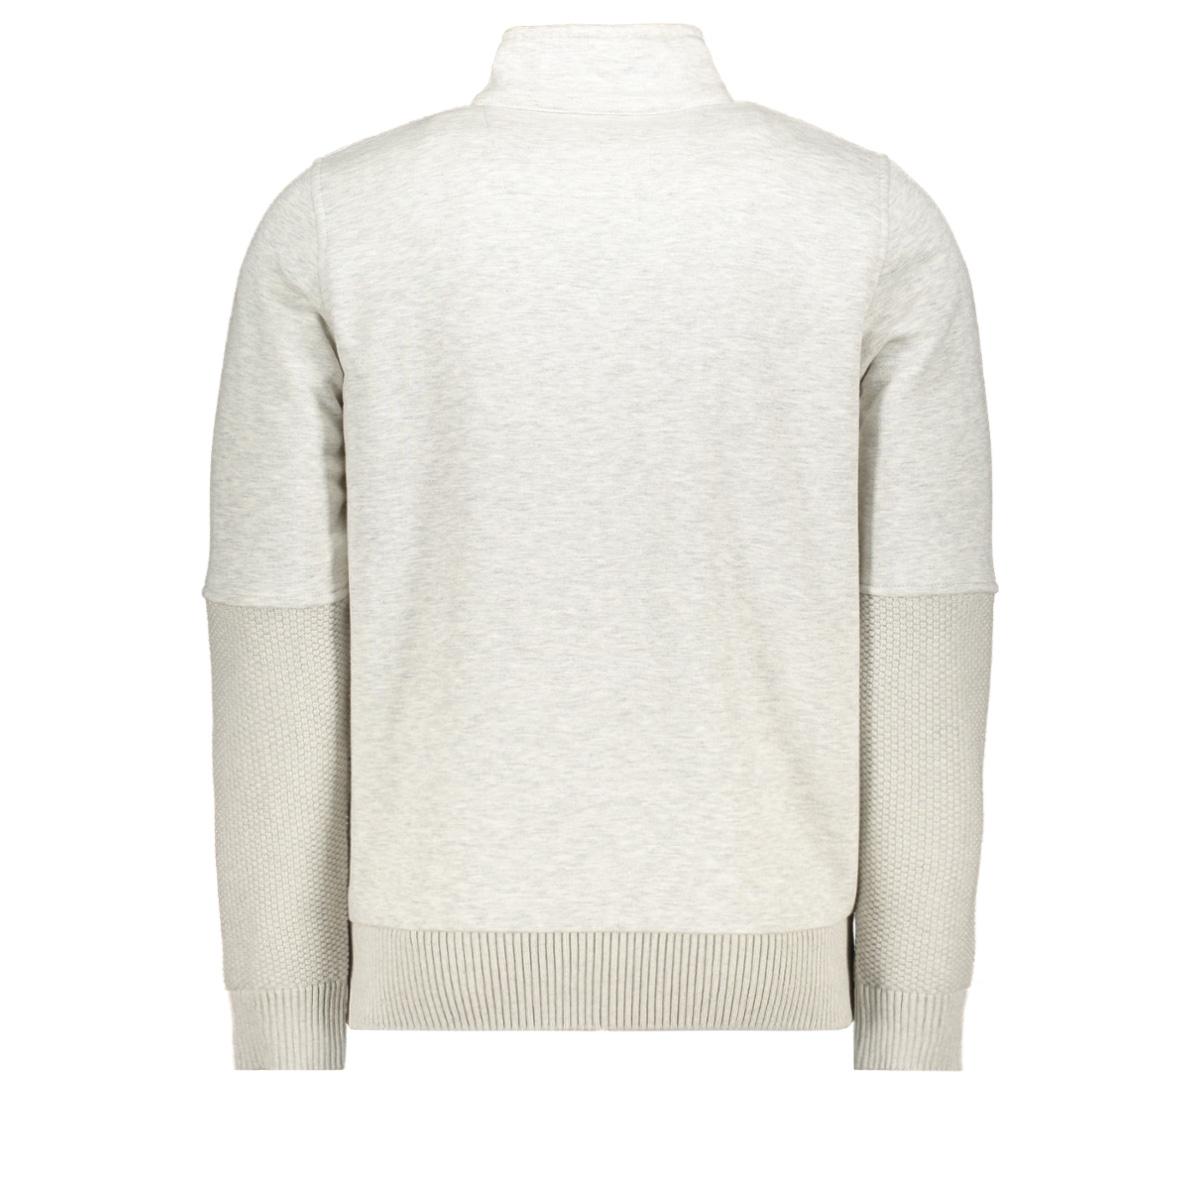 sweat zip jacket psw198442 pme legend vest 910